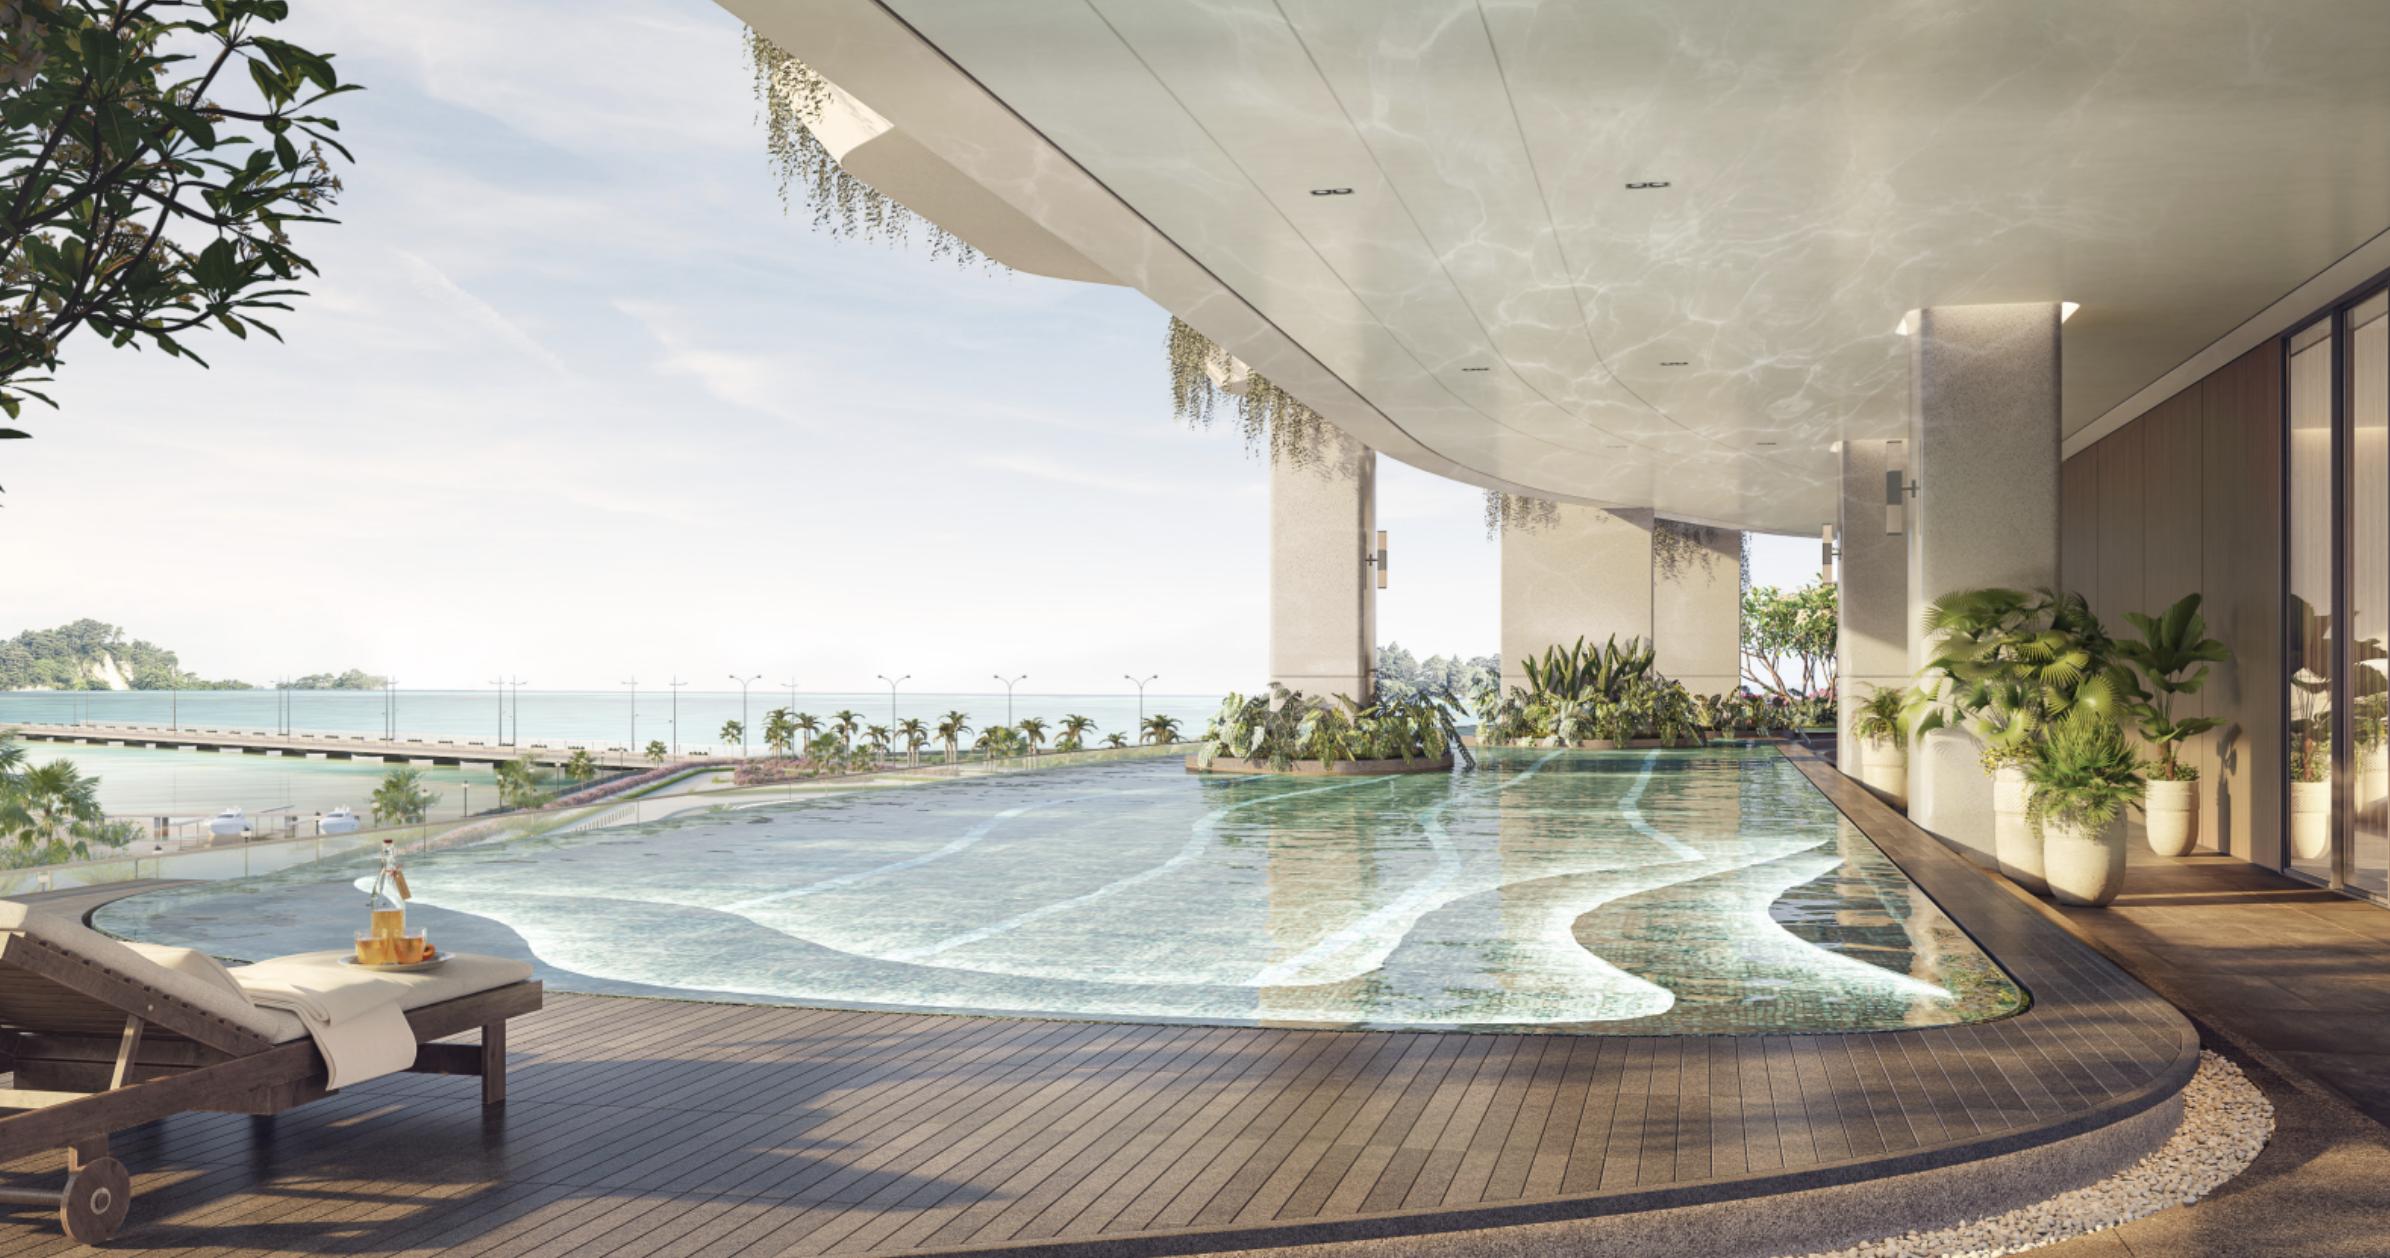 Cơ hội đầu tư căn hộ sở hữu lâu dài ven biển Nha Trang